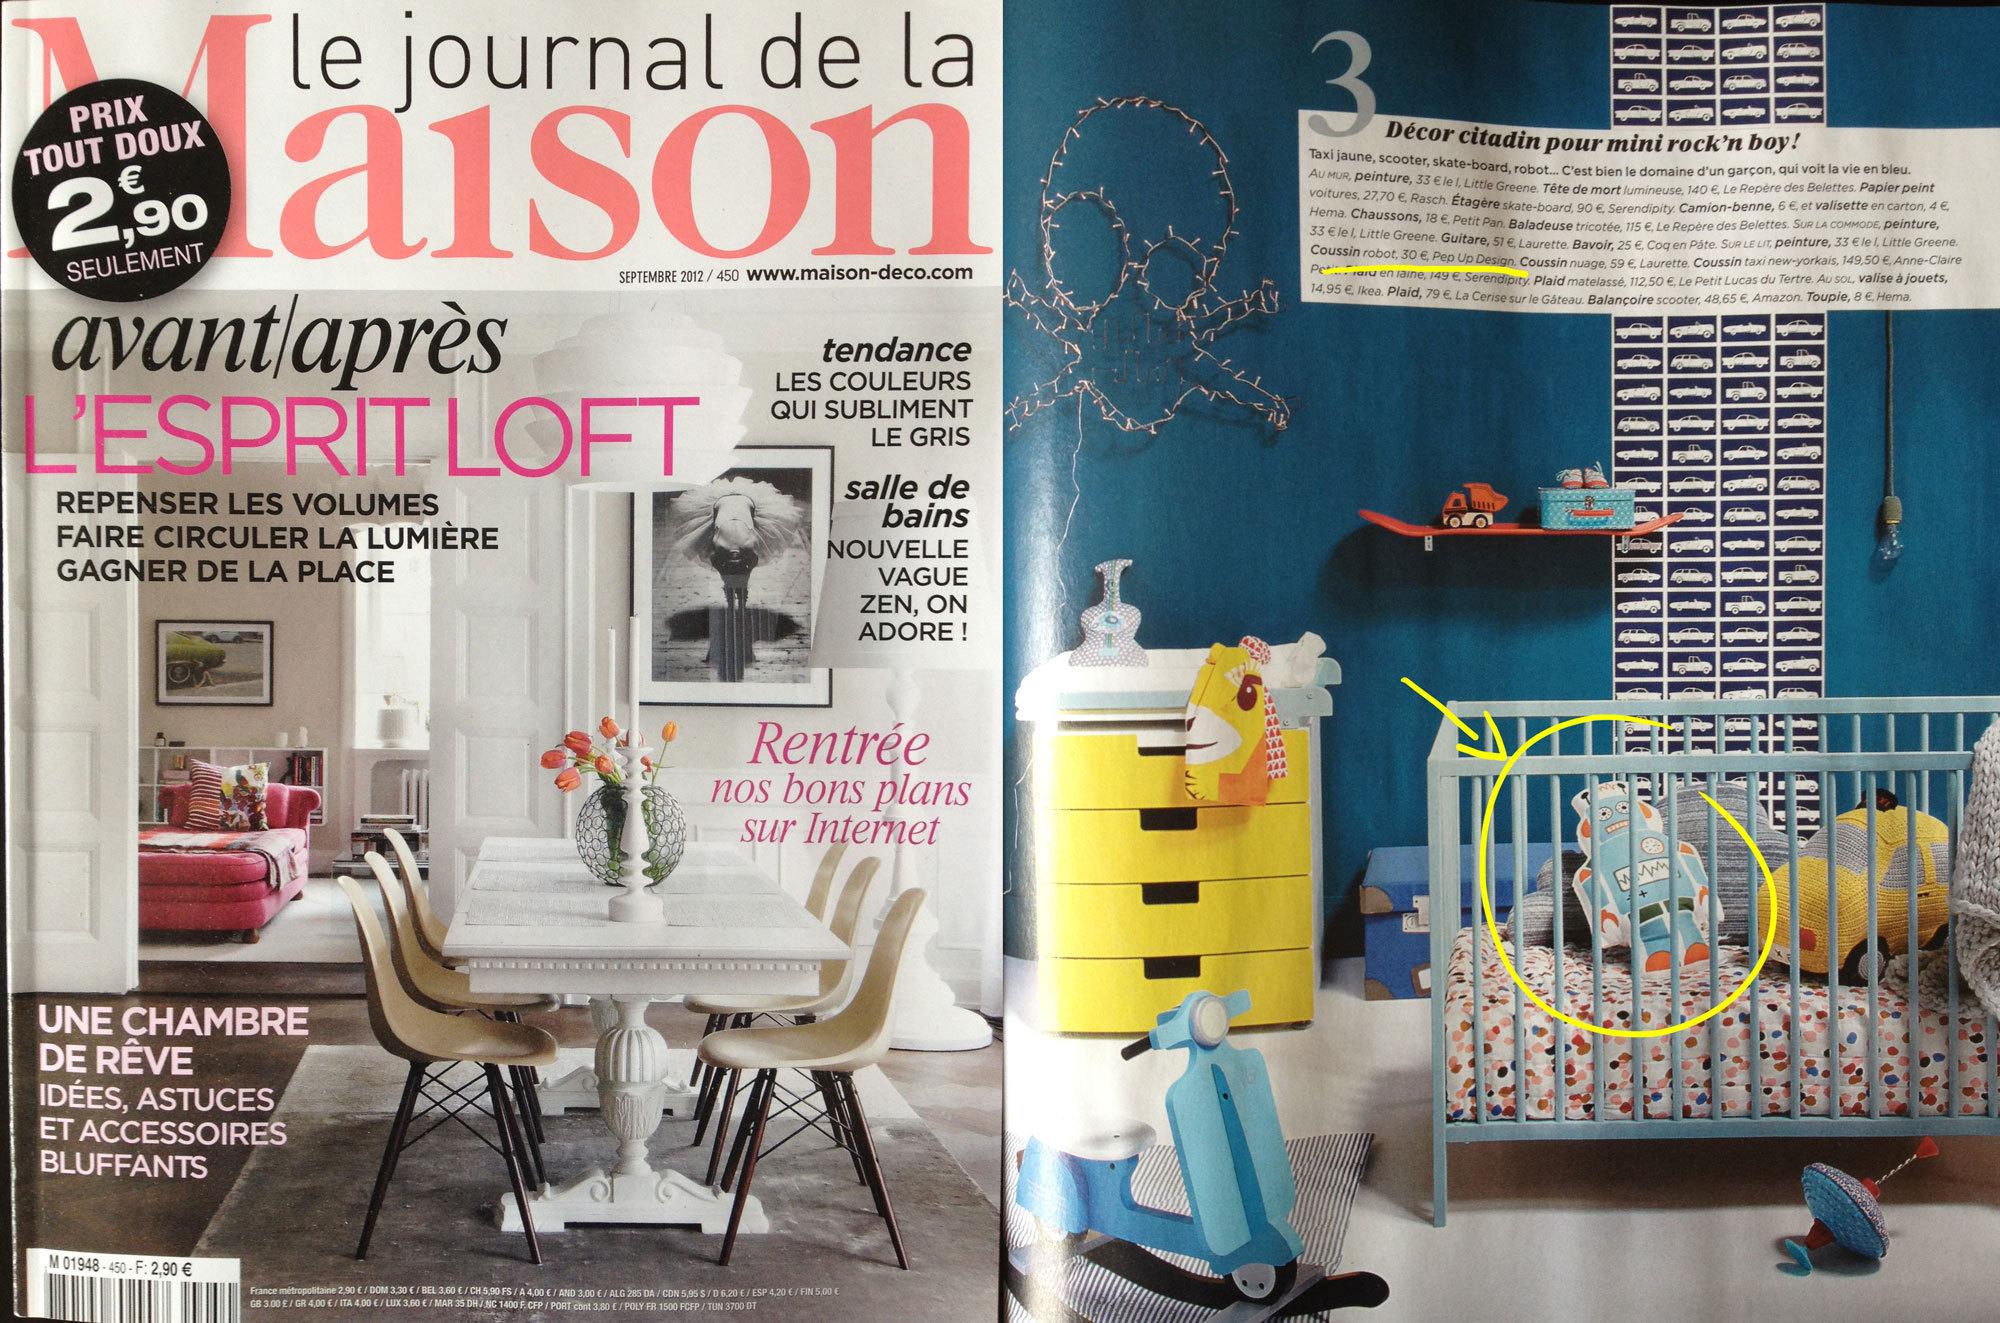 le journal de la maison coussin mr large robo. Black Bedroom Furniture Sets. Home Design Ideas